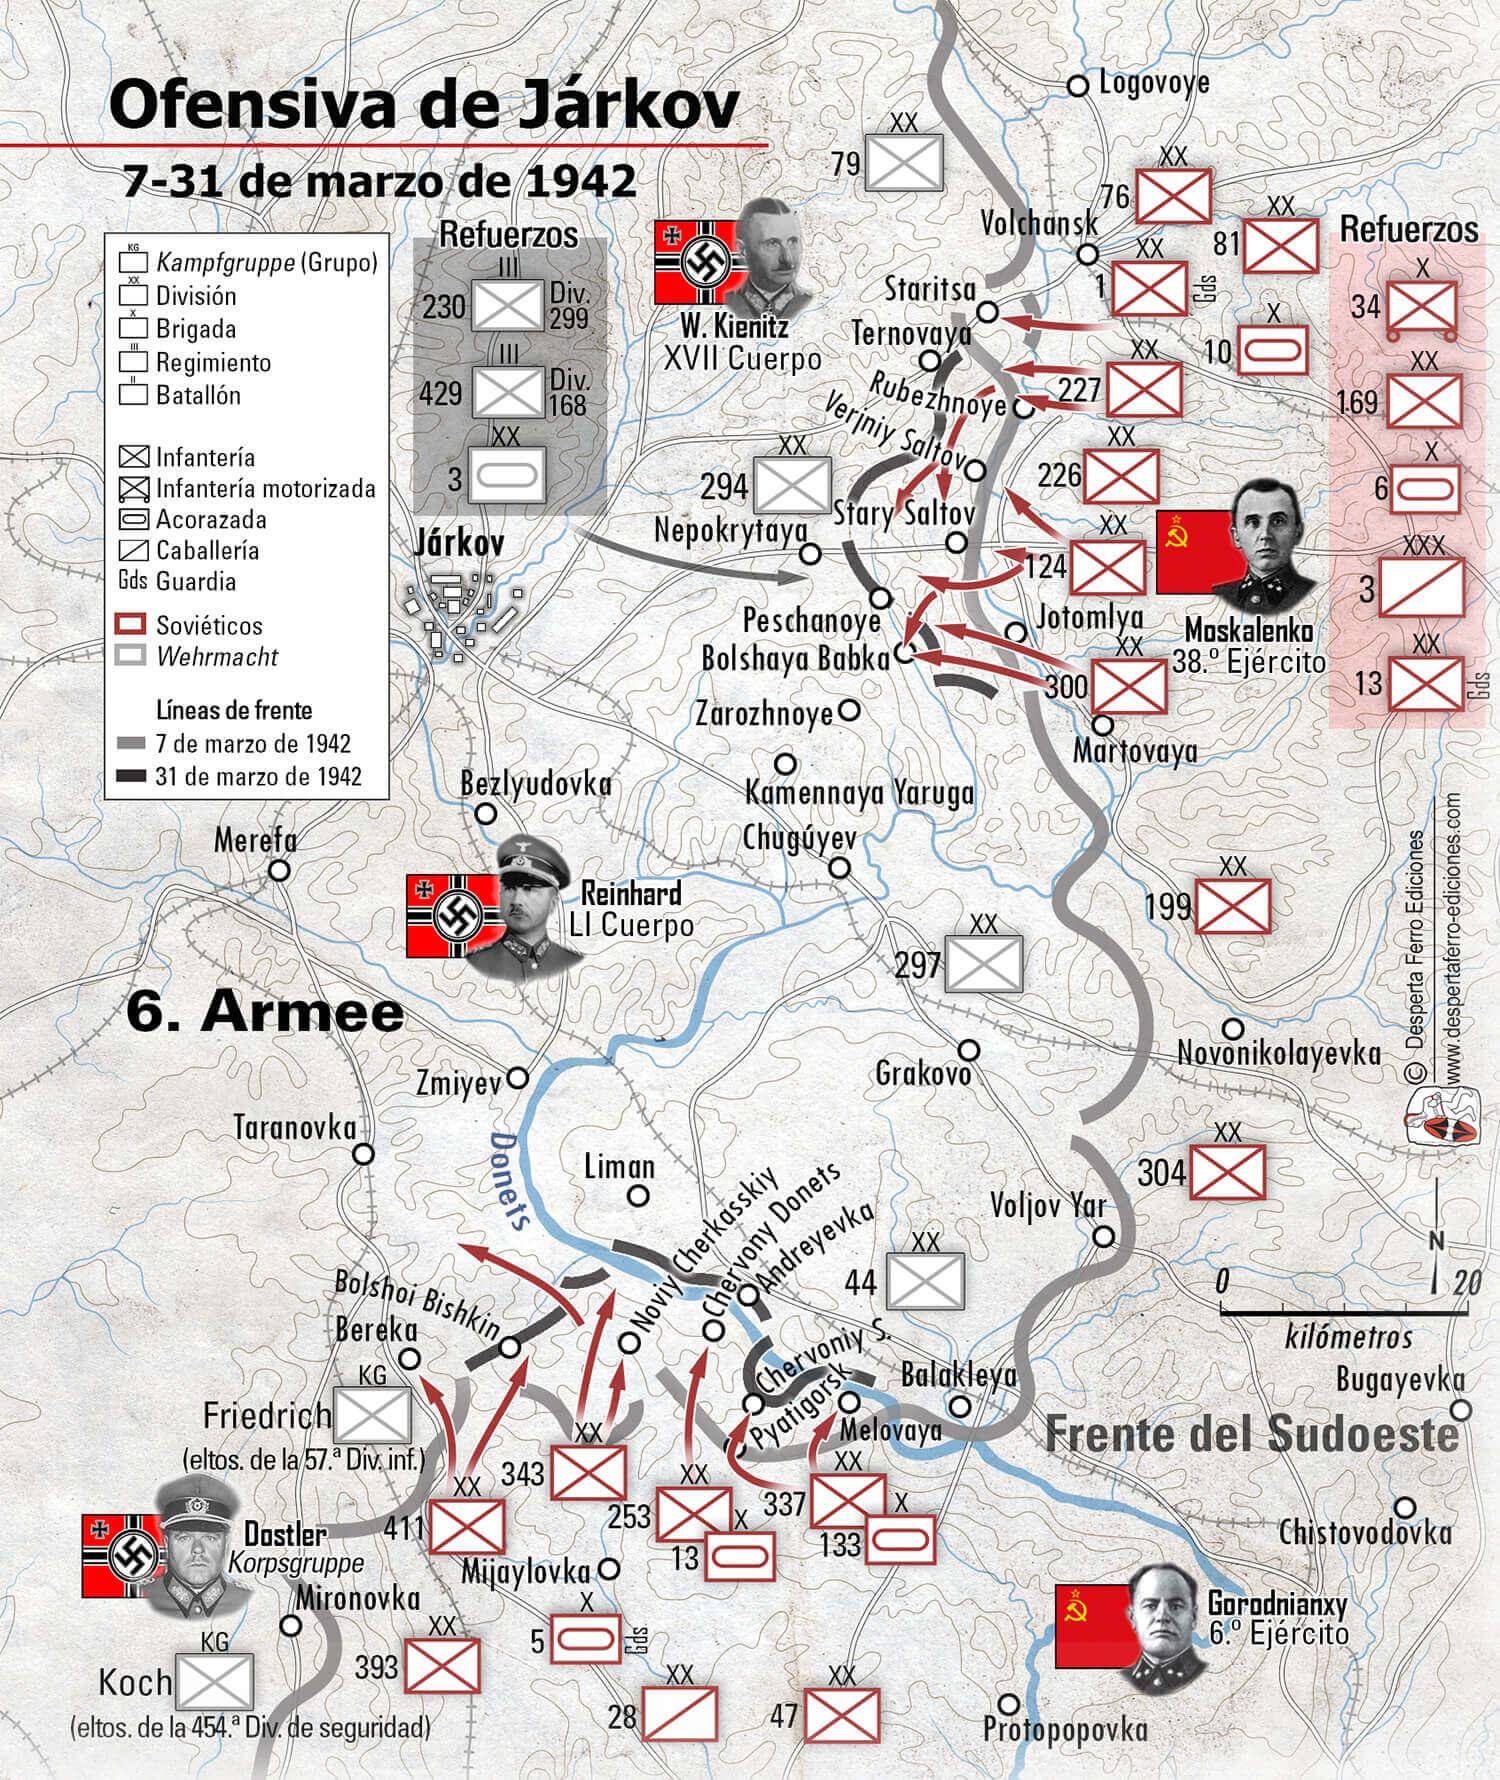 Mapa de la ofensiva de Járkov (7 al 31 de marzo de 1942)